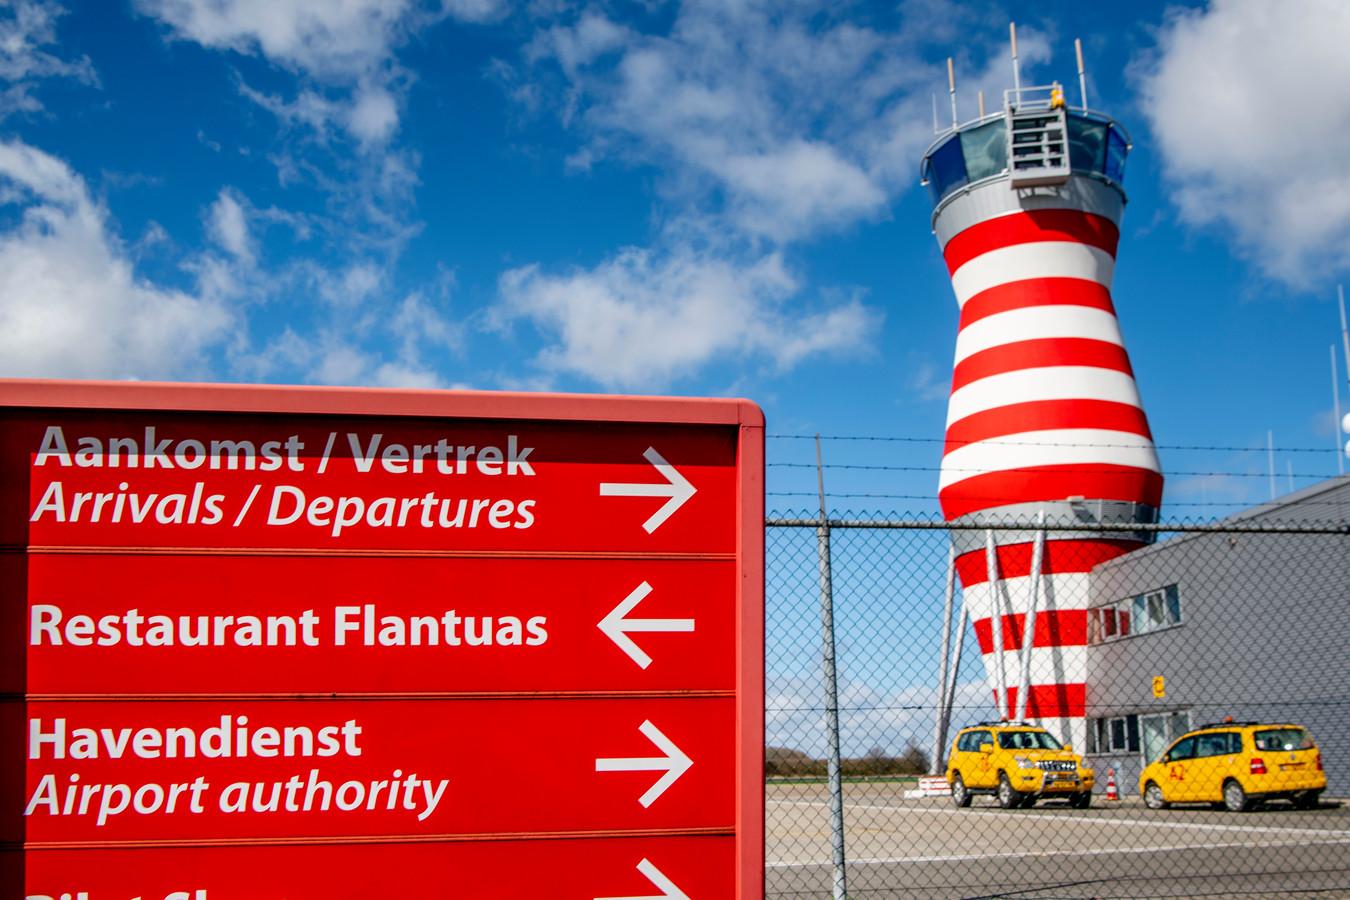 Lelystad Airport is klaar om te openen als vakantieluchthaven. De bedoeling is dat het vliegveld vanaf april 2020 gaat fungeren voor commerciële luchtvaart.